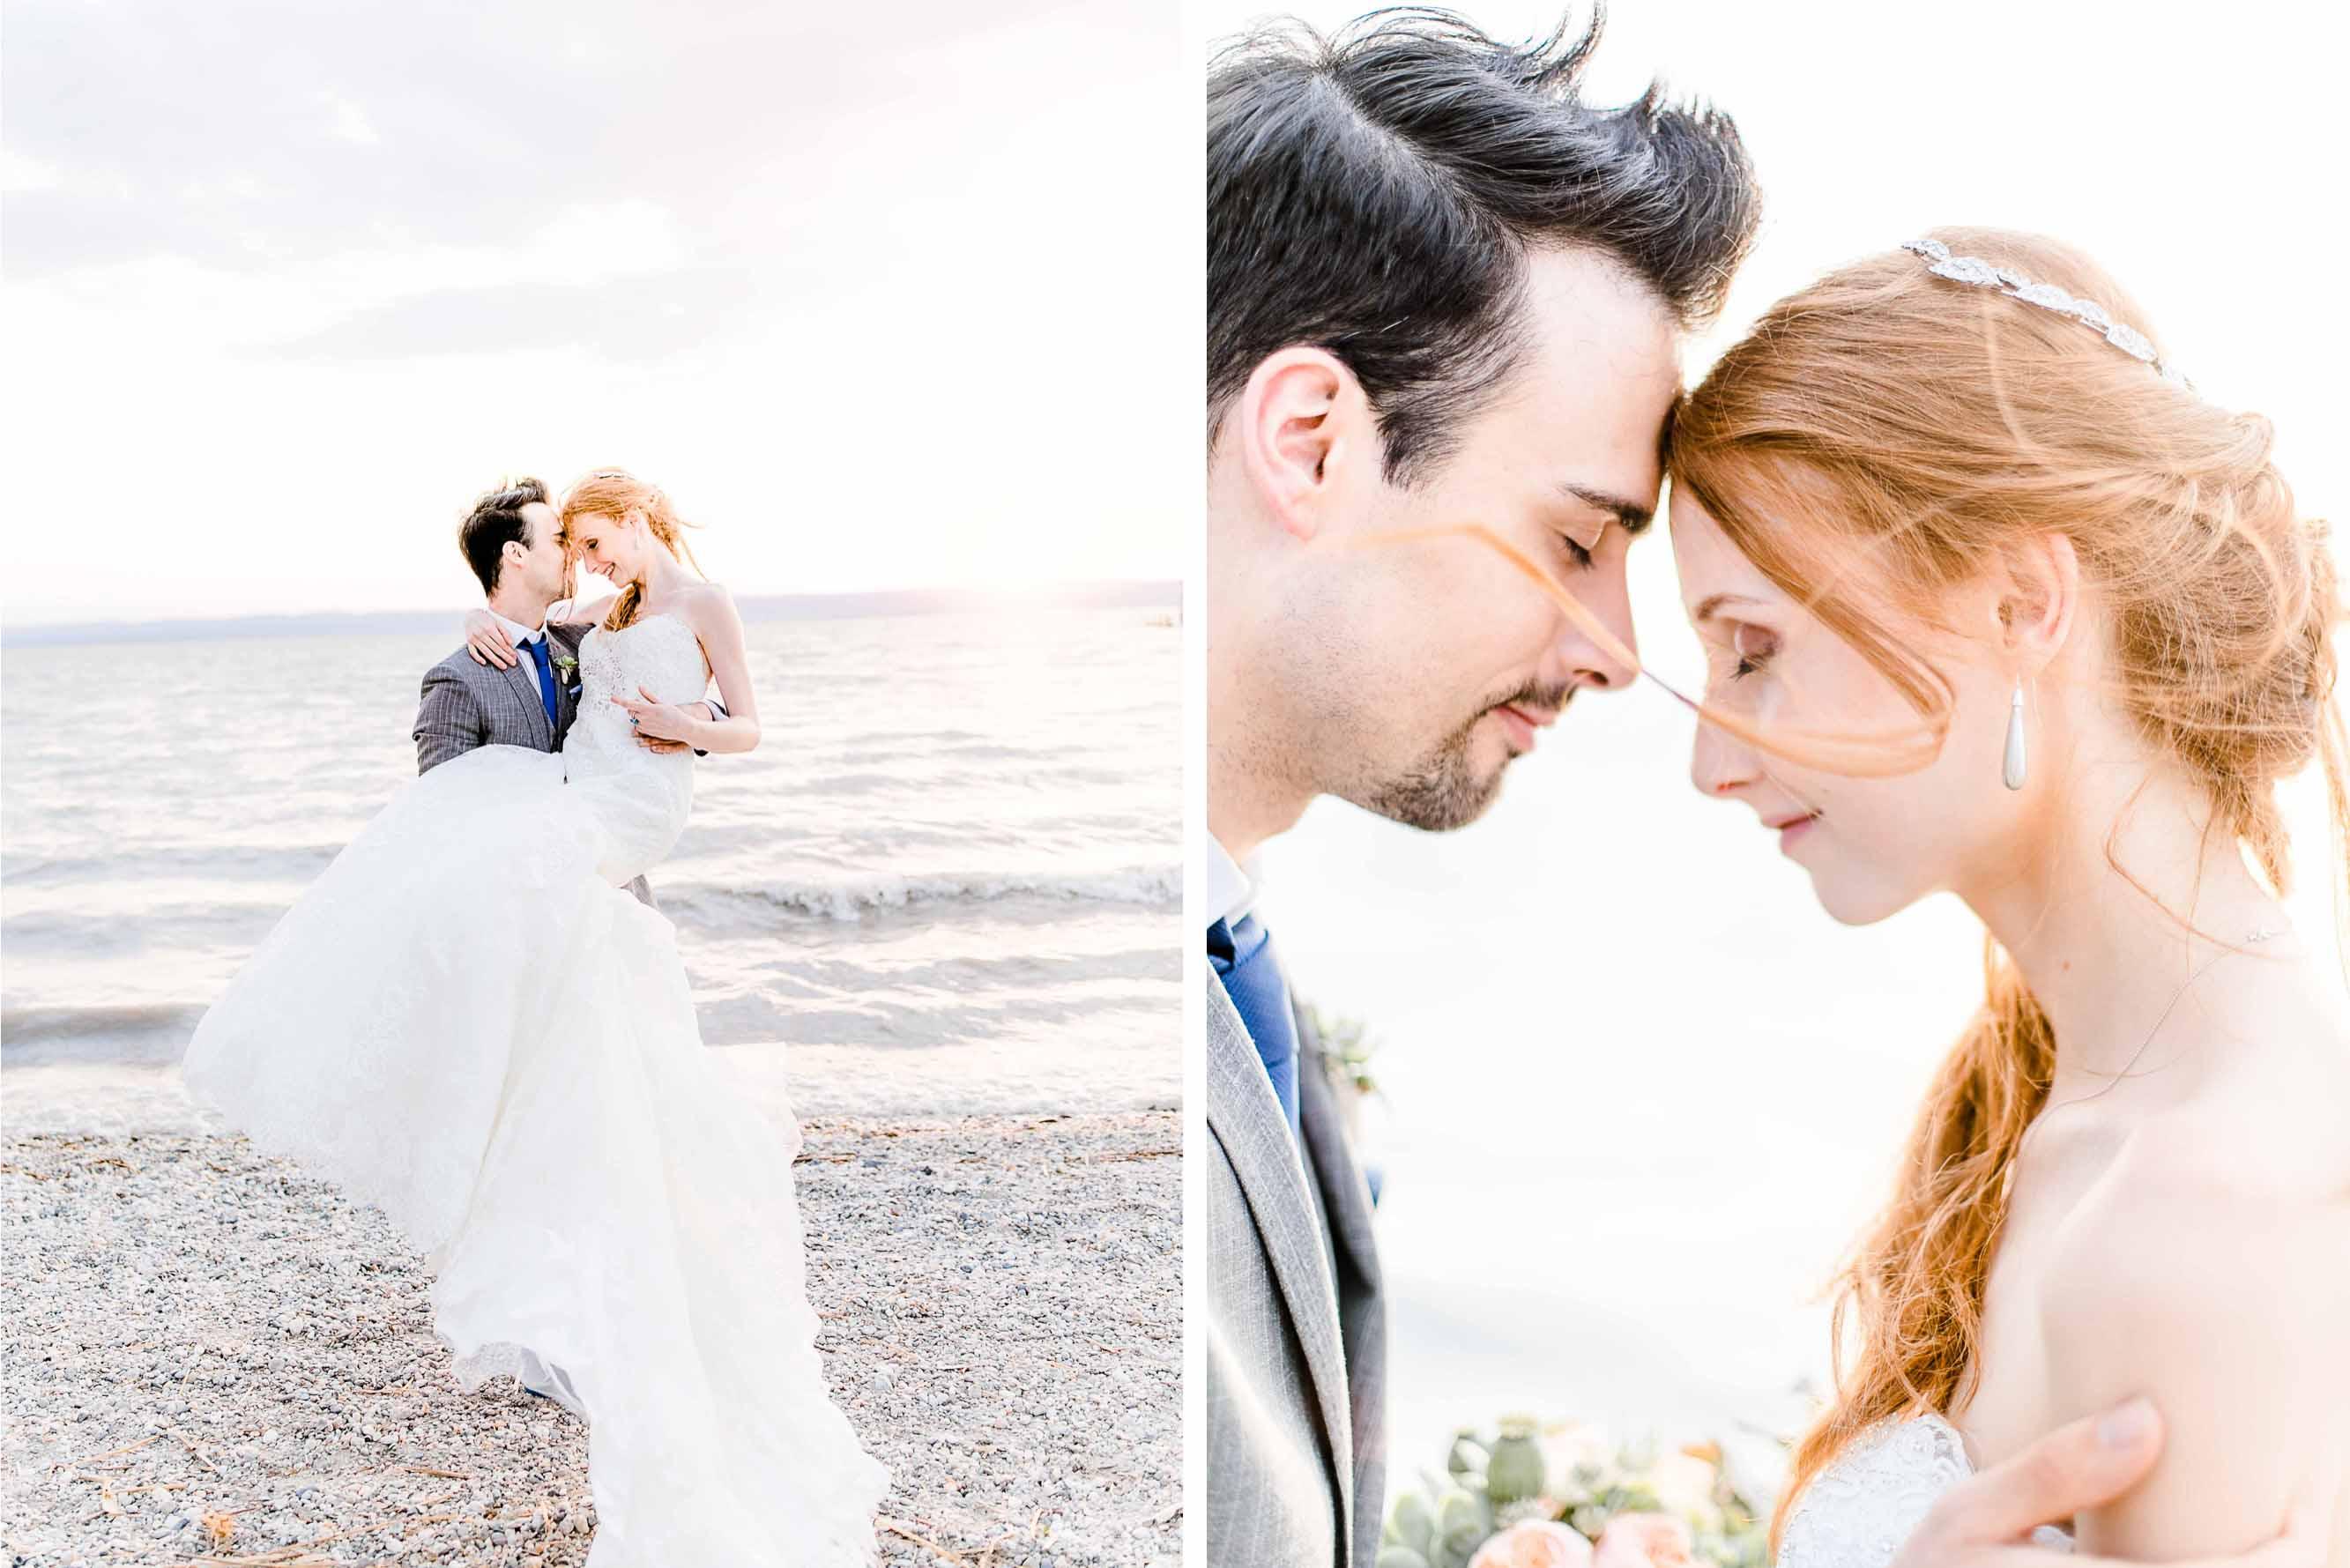 Hochzeitsfotograf Burgenland heiraten Neusiedlersee Hochzeitsfotos Himmelblau Rust